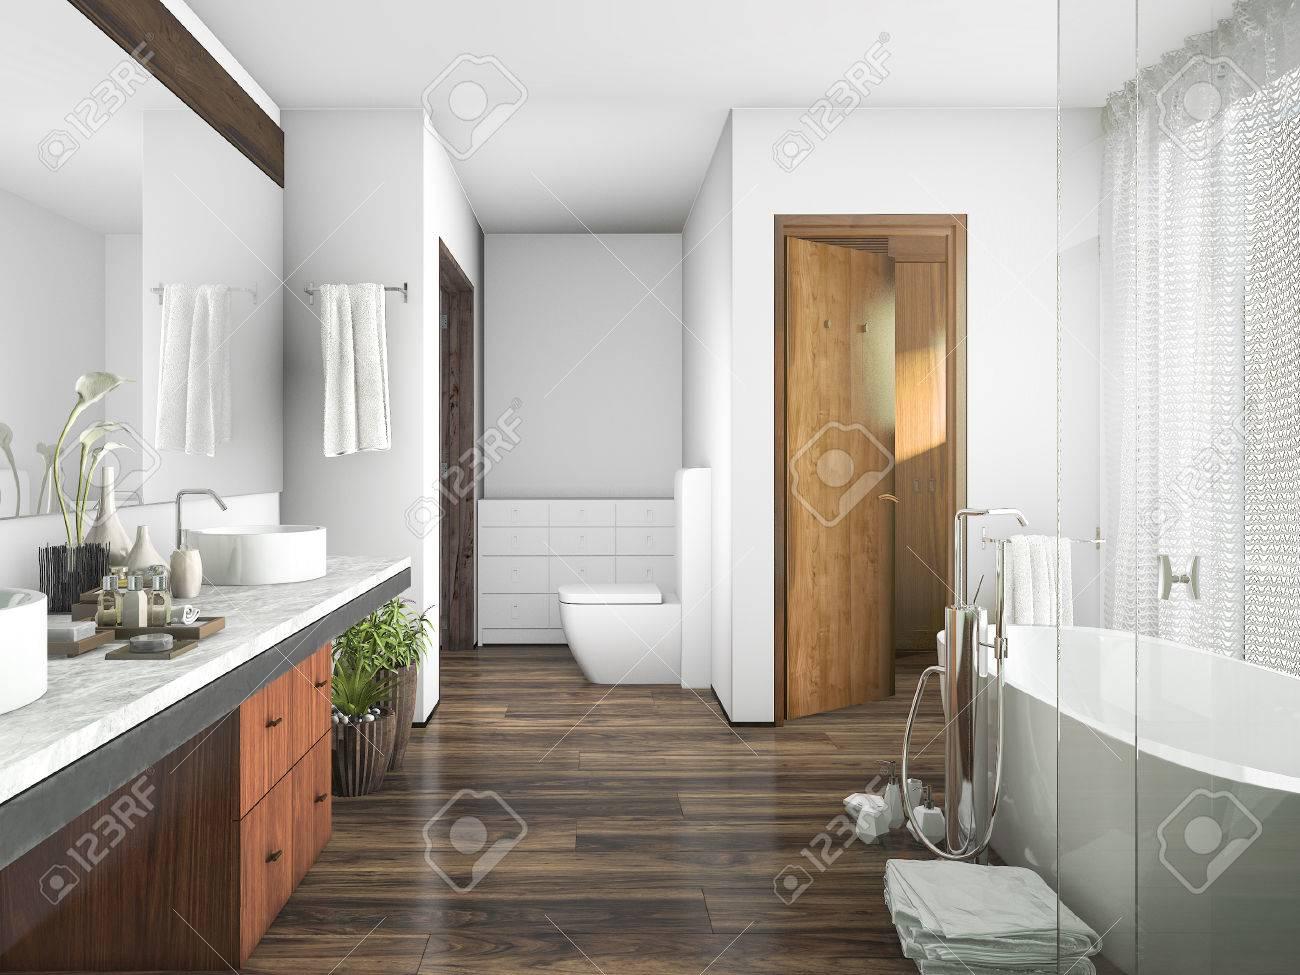 3D Rendering Holz Und Fliesen Design Bad In Der Nähe Von Fenster Ein  Vorhang Standard